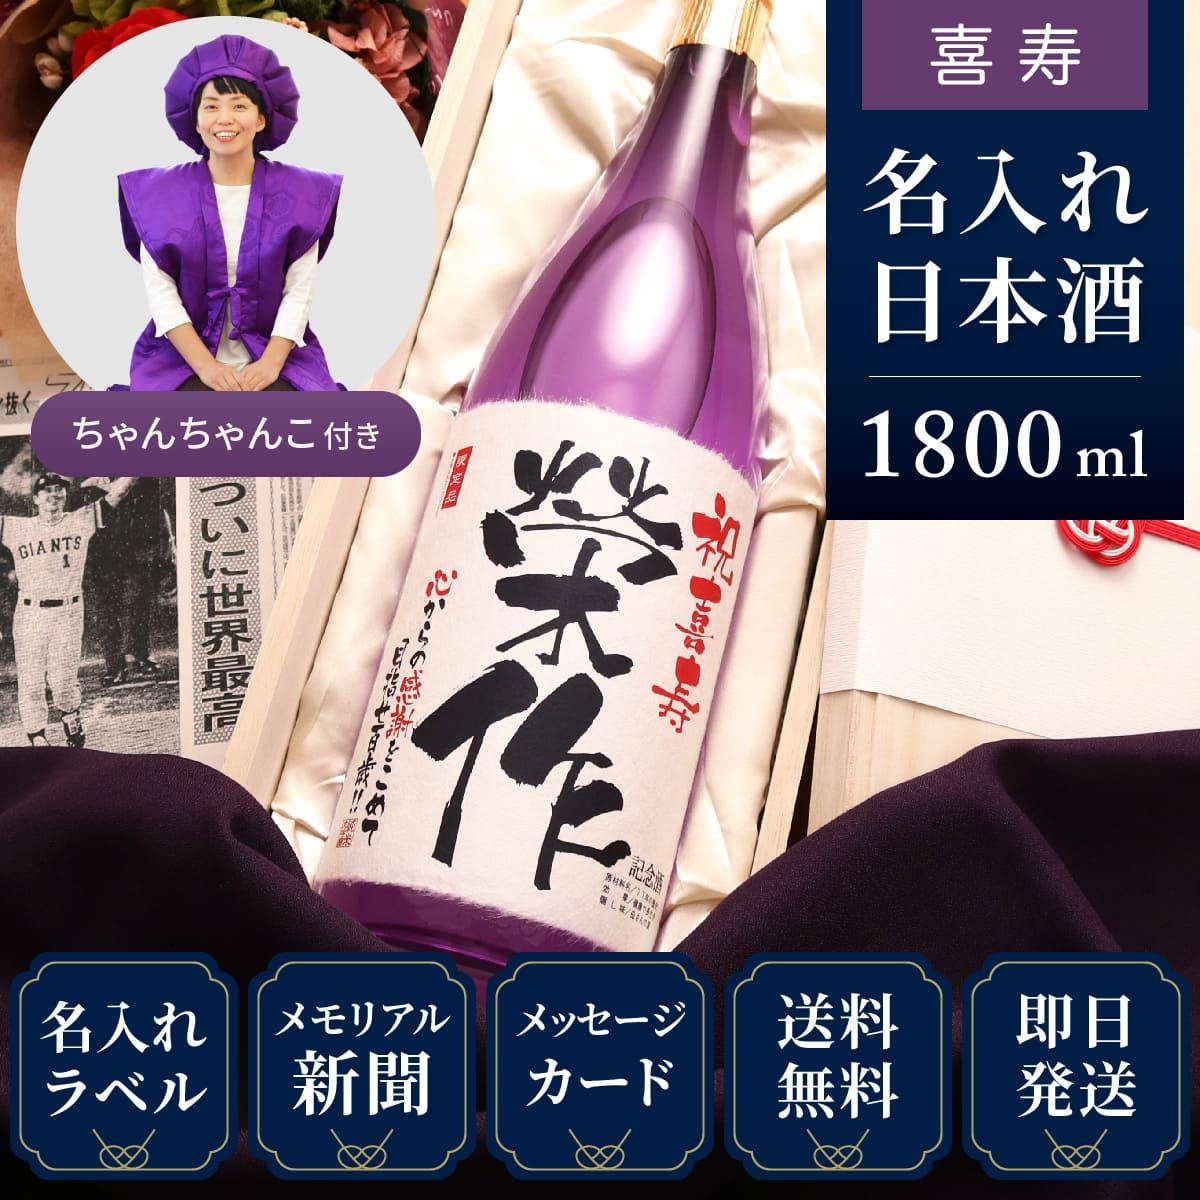 喜寿ちゃんちゃんこ(日本製)と紫瓶セット「紫龍」1800ml(日本酒)